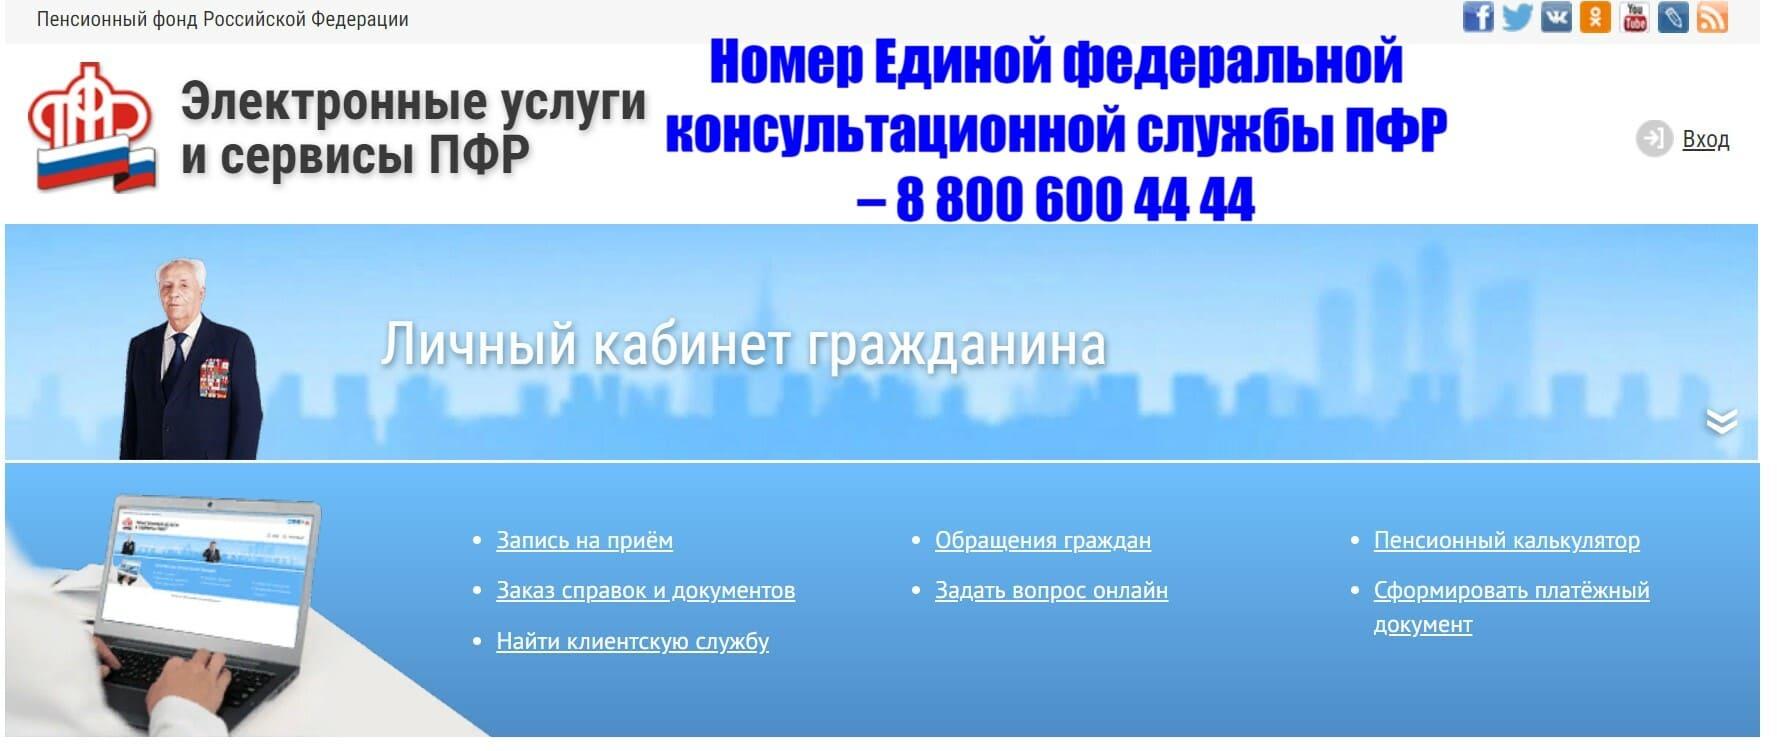 Пенсионный фонд РФ личный кабинет